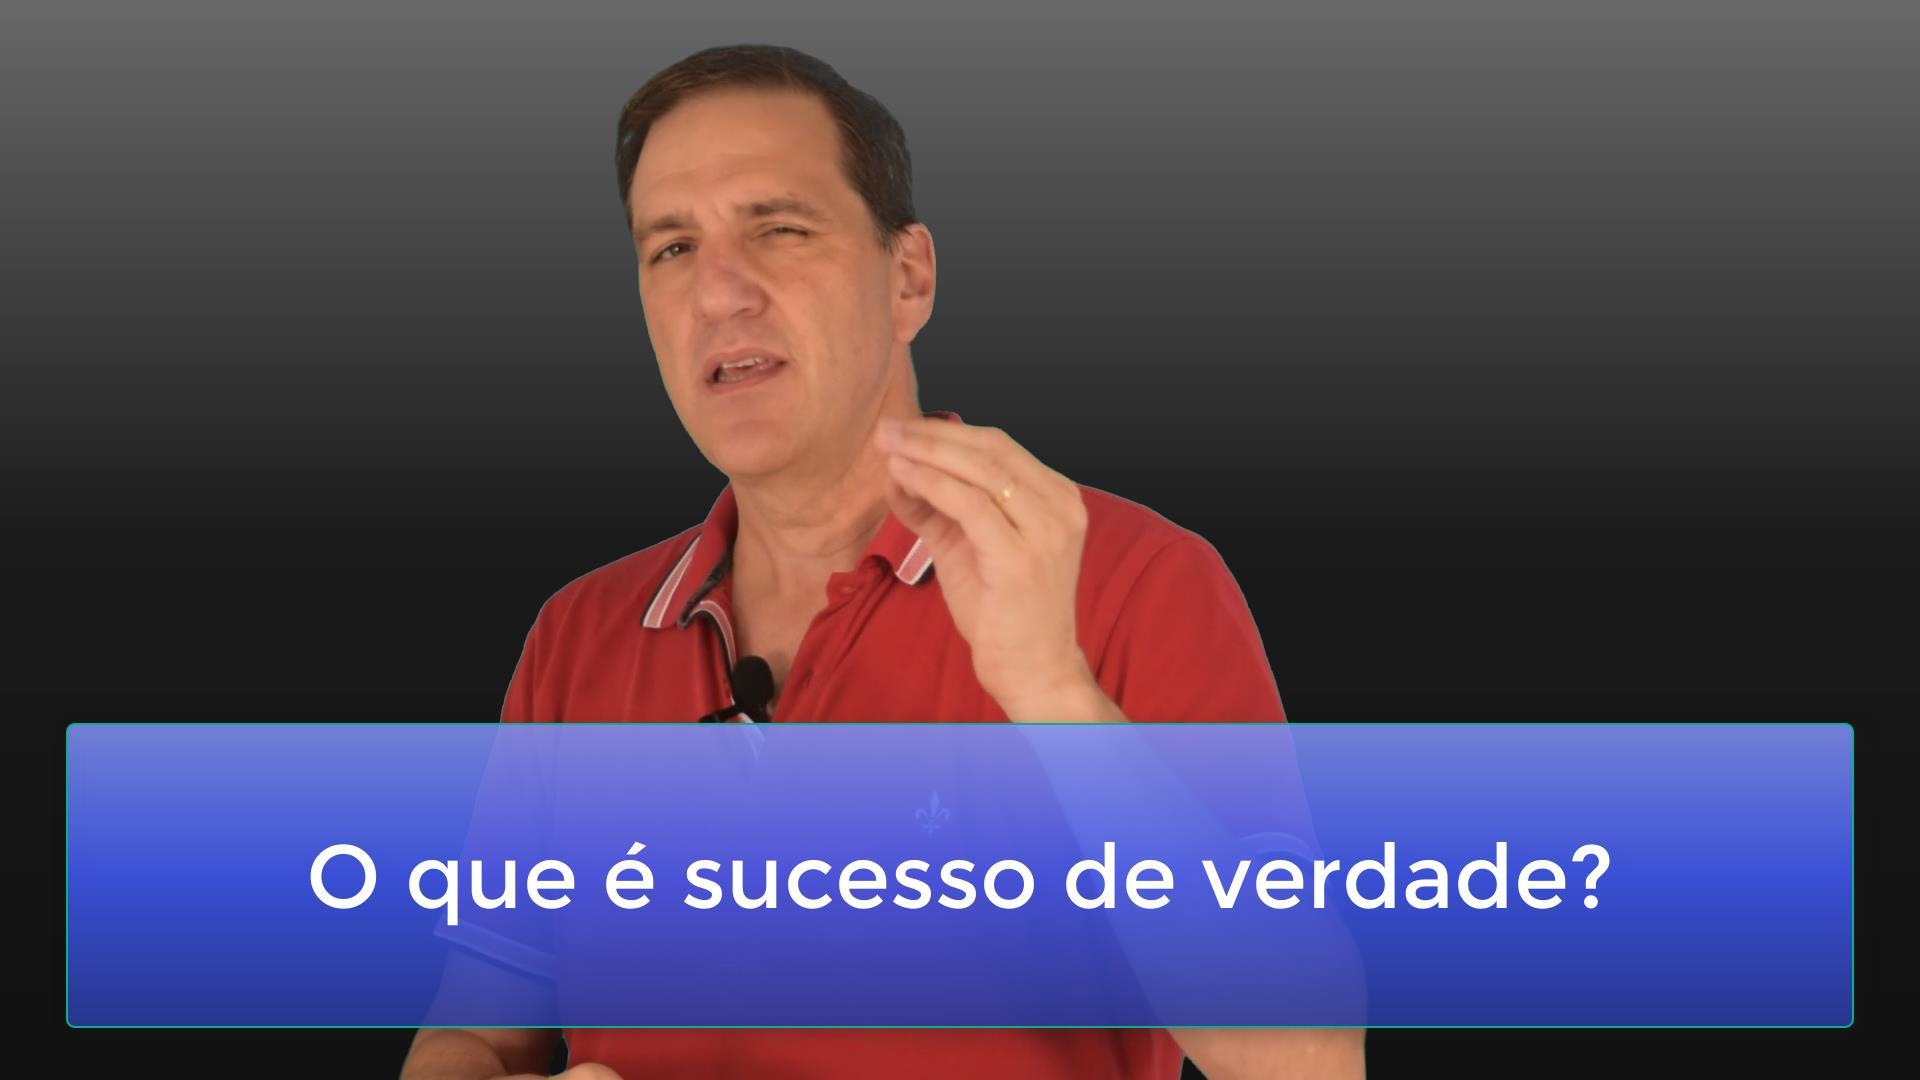 O que é sucesso de verdade?